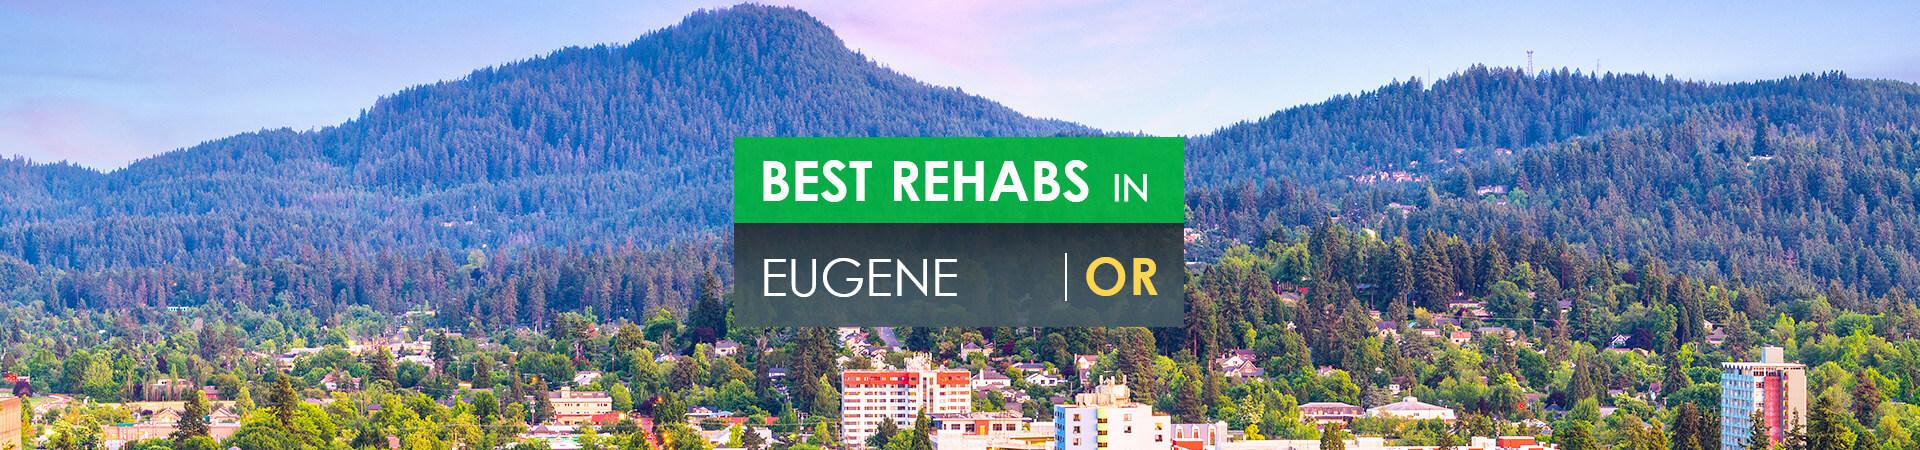 Best rehabs in Eugene, OR